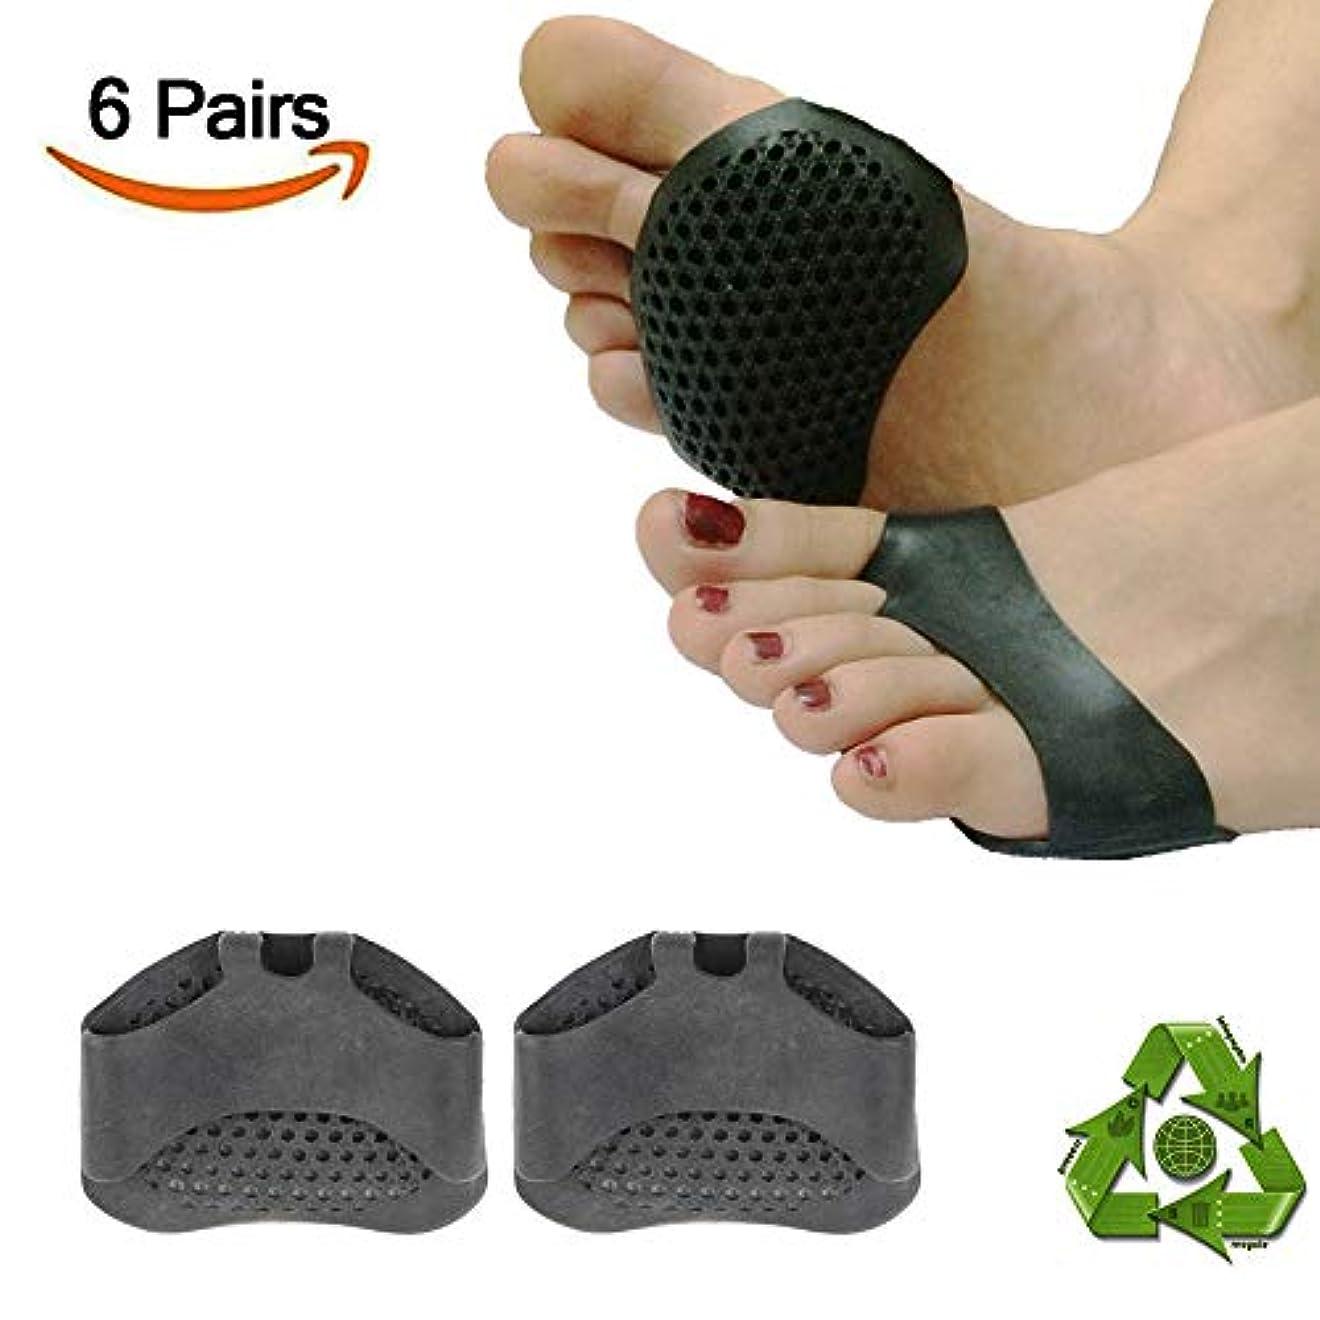 架空の枝新年通気性中足骨フットパッド-フットクッションのボール、急速な痛みの緩和のためのソフトジェル前足パッド、男性と女性のための中足骨Neuro神経腫モートン神経腫パッドBlack-6 Pairs